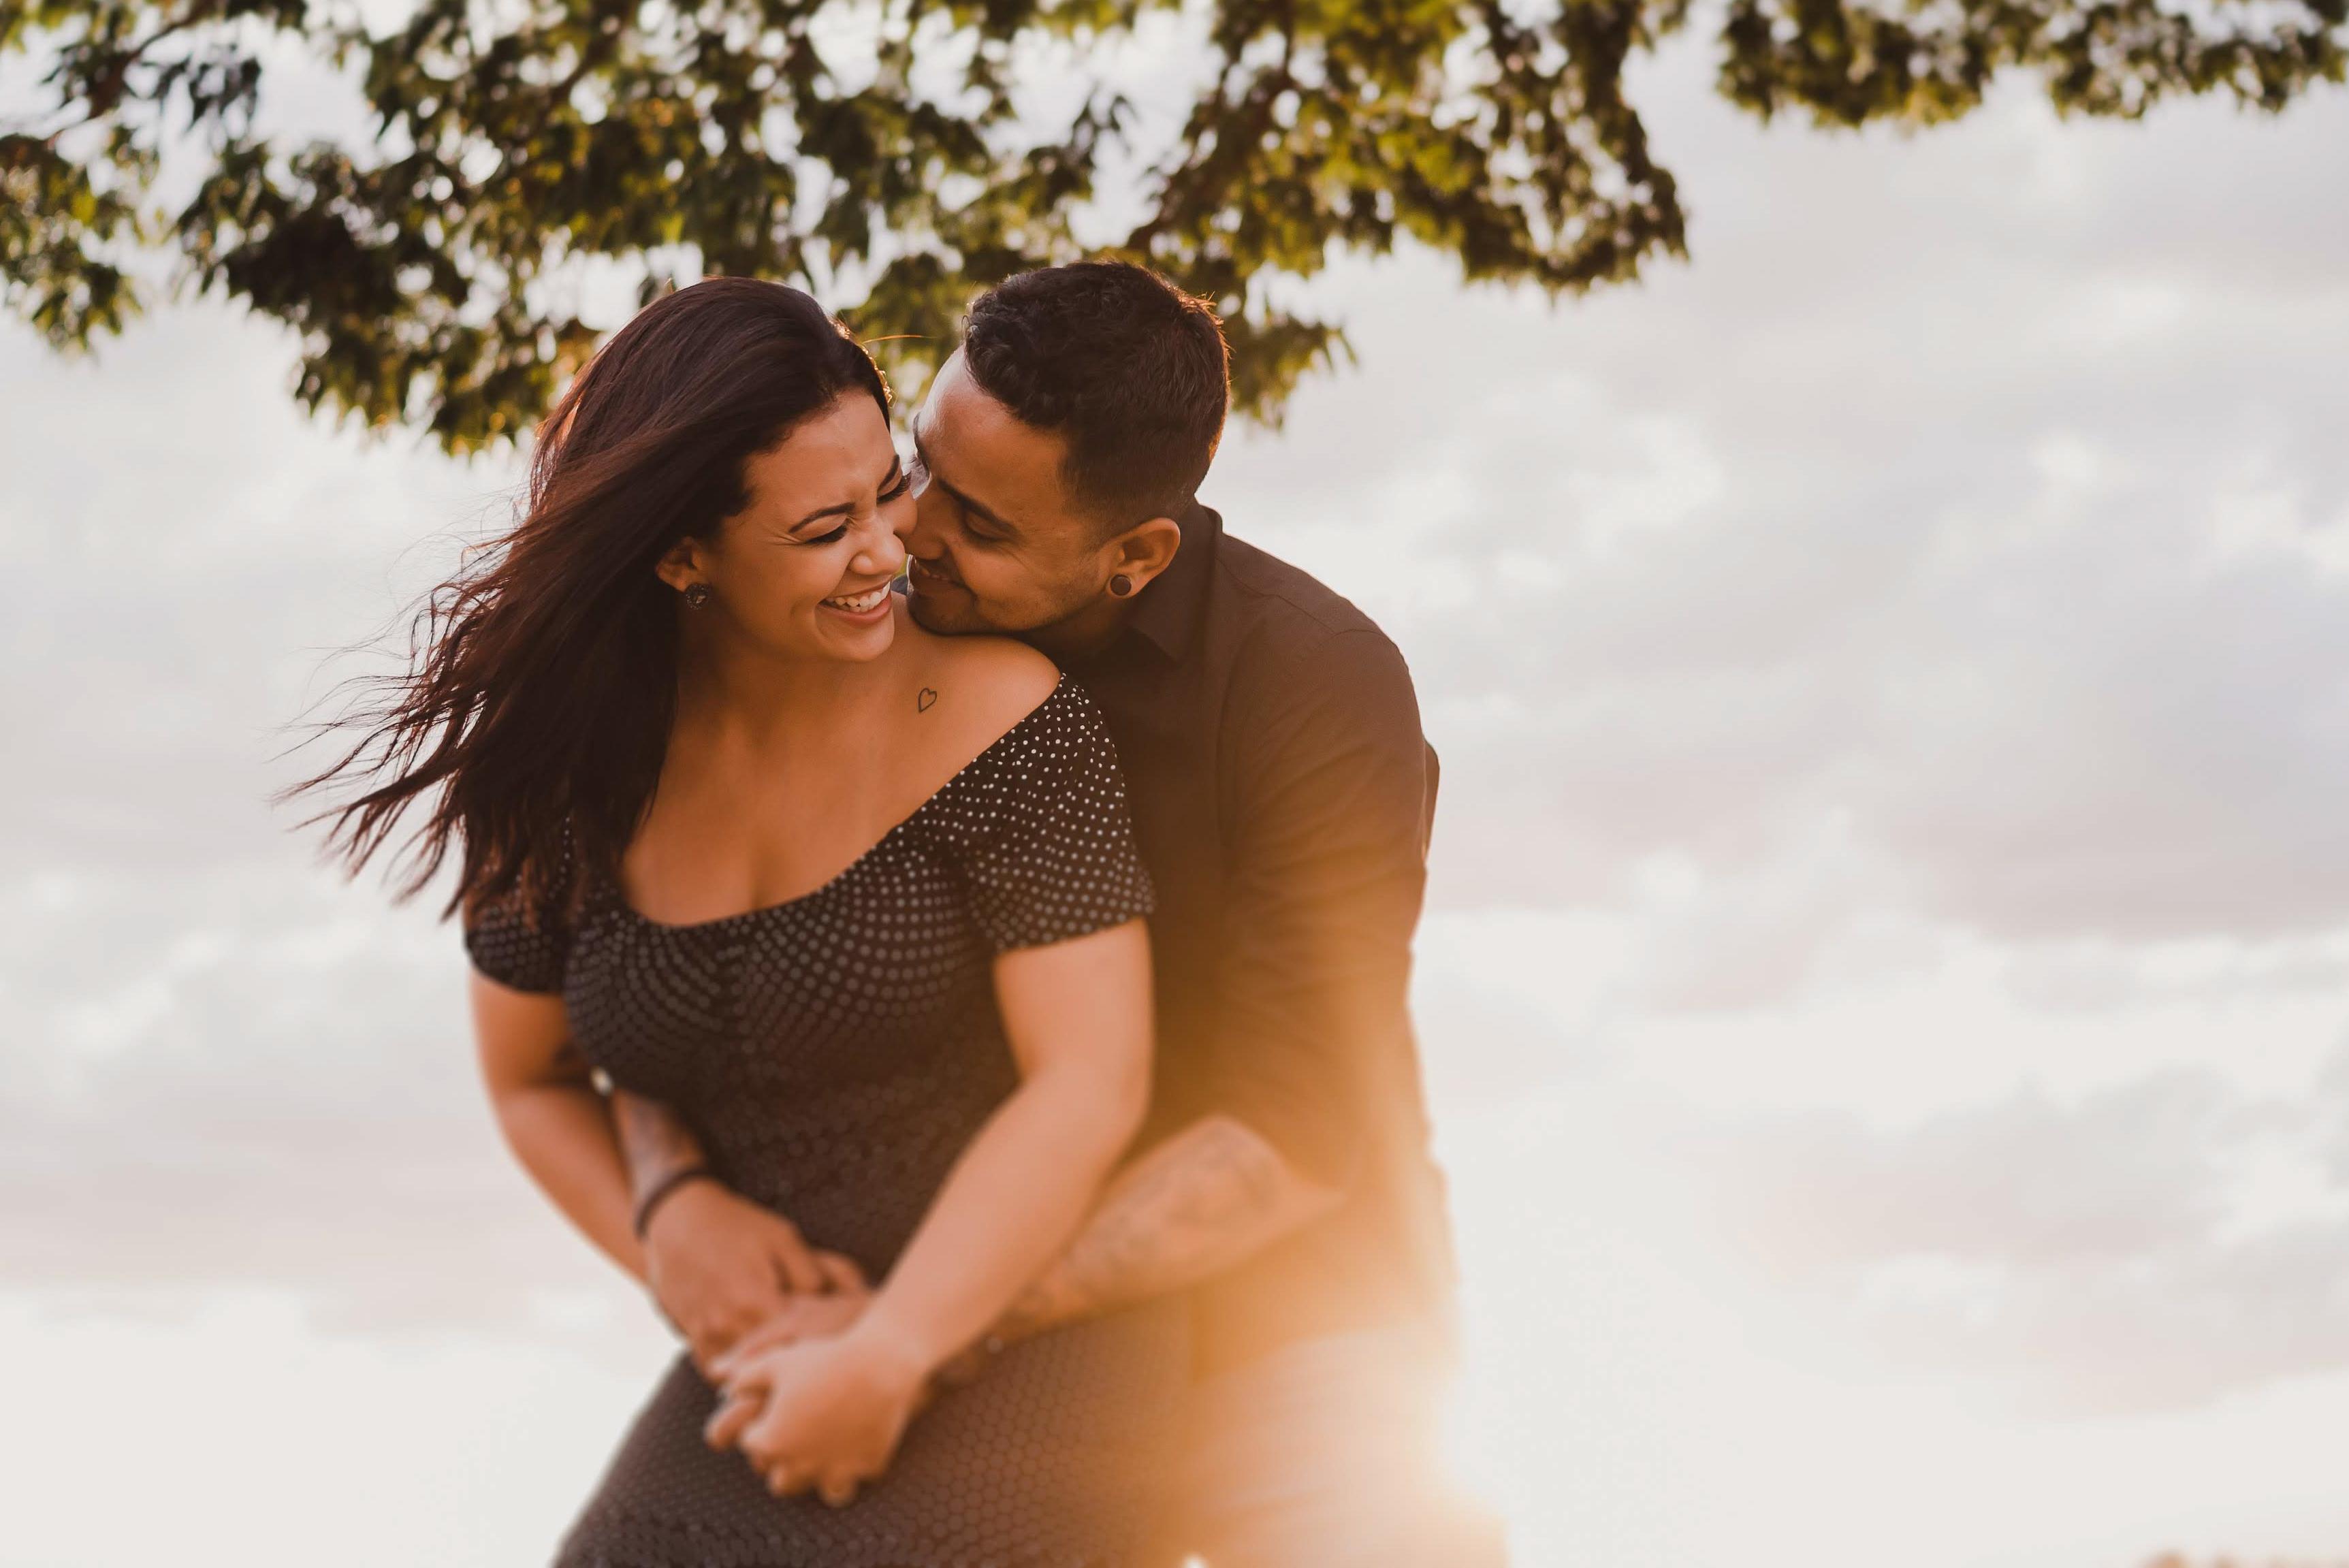 Contate Fotógrafa de Casamentos - Monique Angelis - Campinas - SP